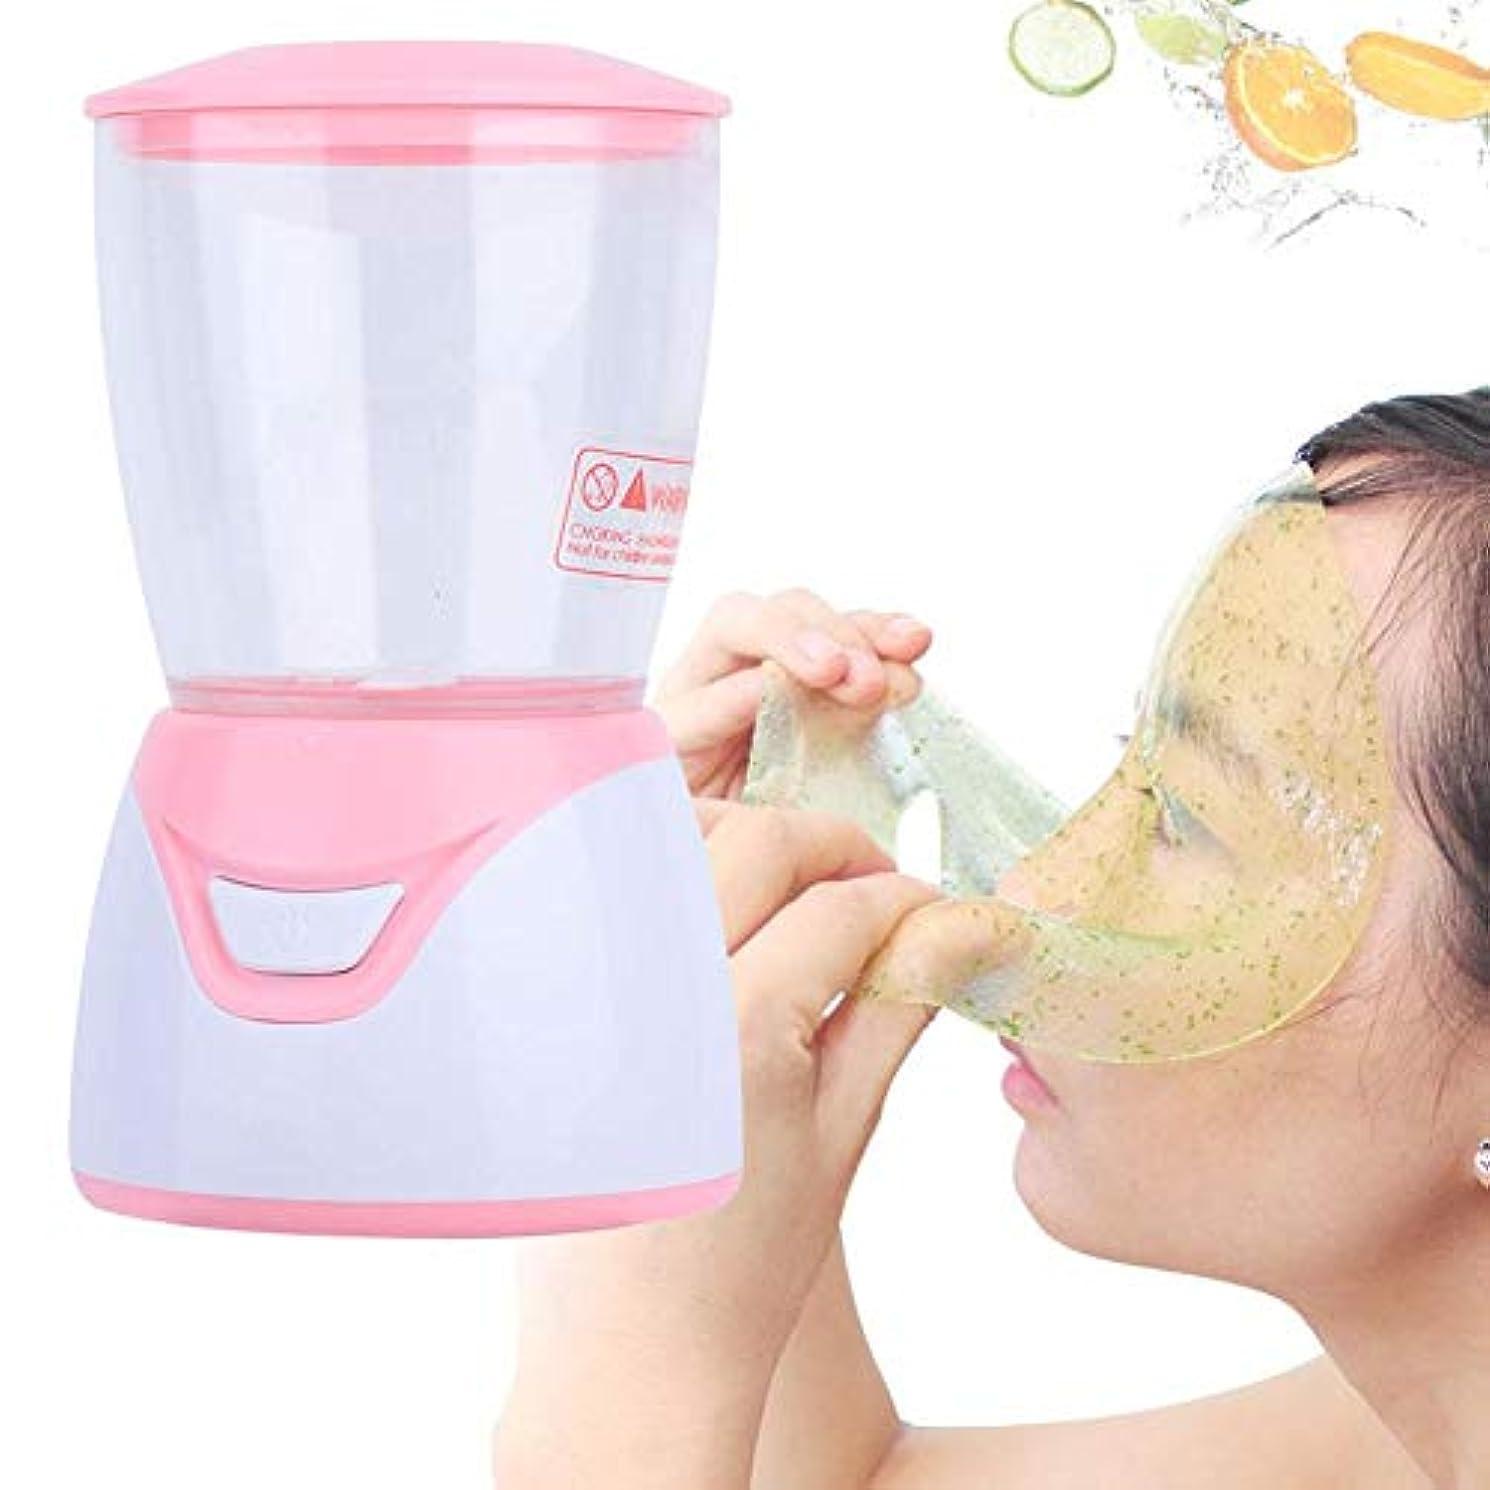 コールドベイビーどきどきミニフェイスマスク機、フェイシャルマスクメーカー機diy天然フルーツ野菜マスクスパスキンケアデバイス